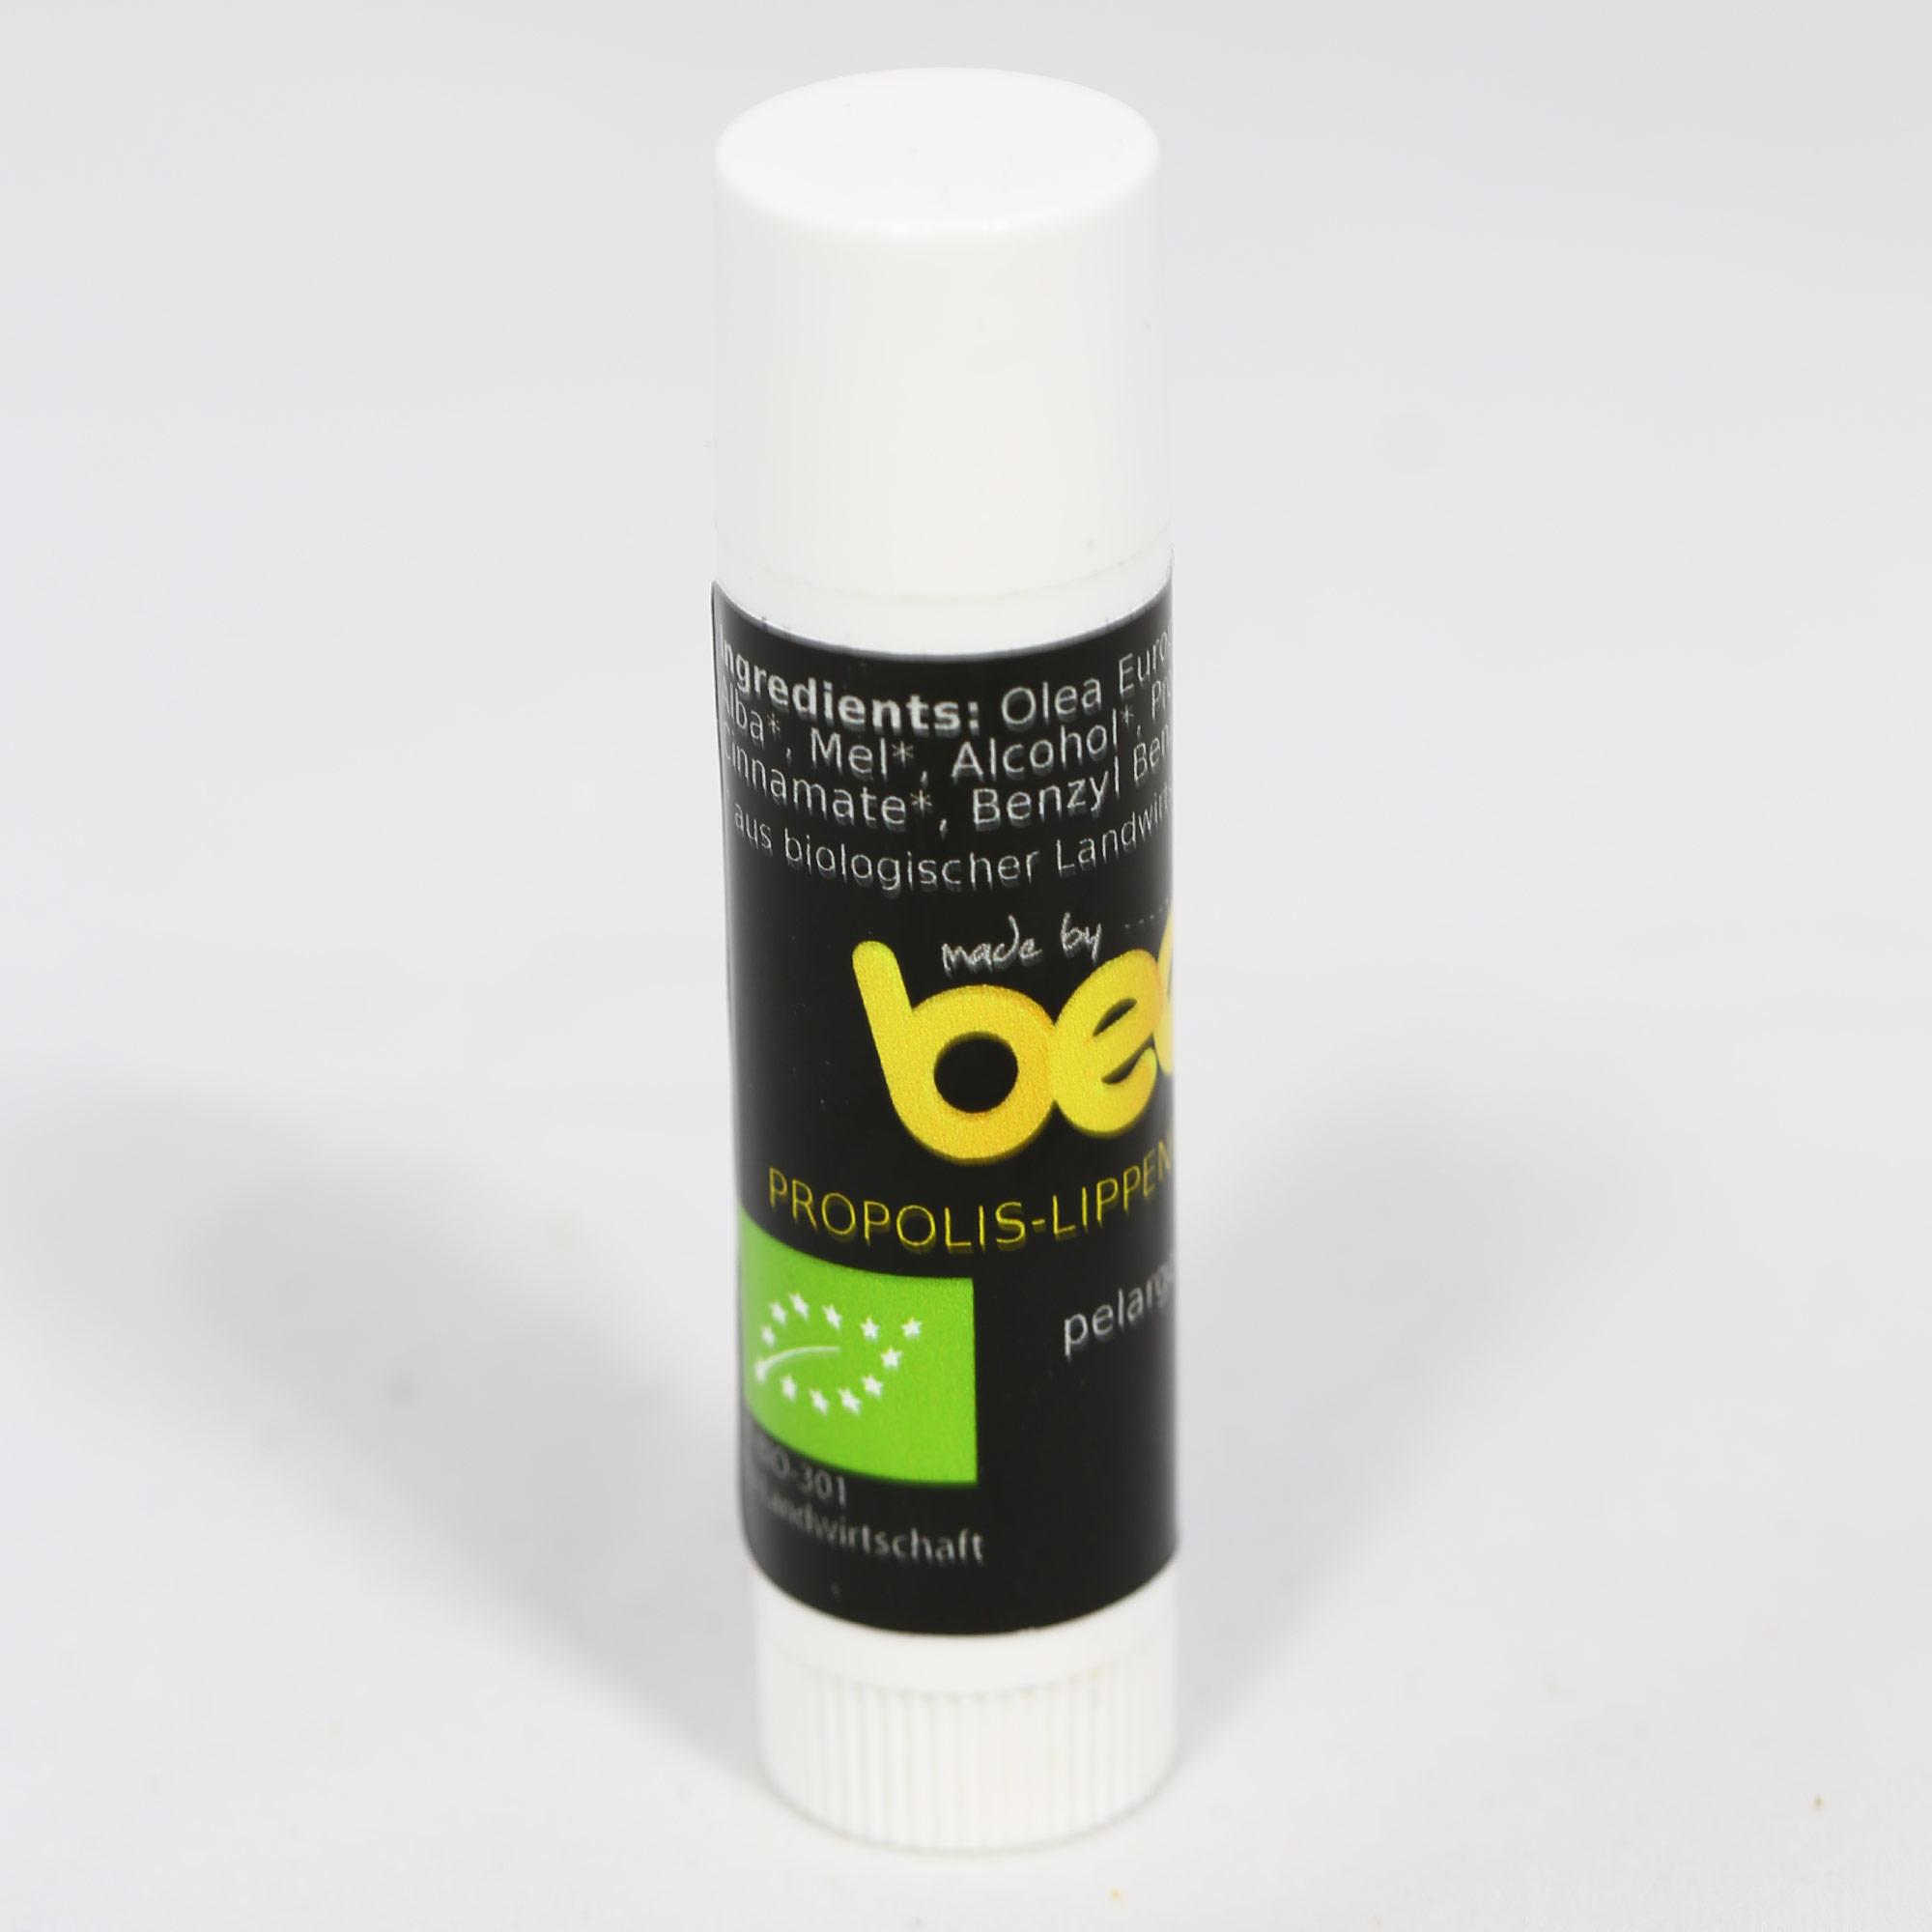 Propolis-Lippenbalsam